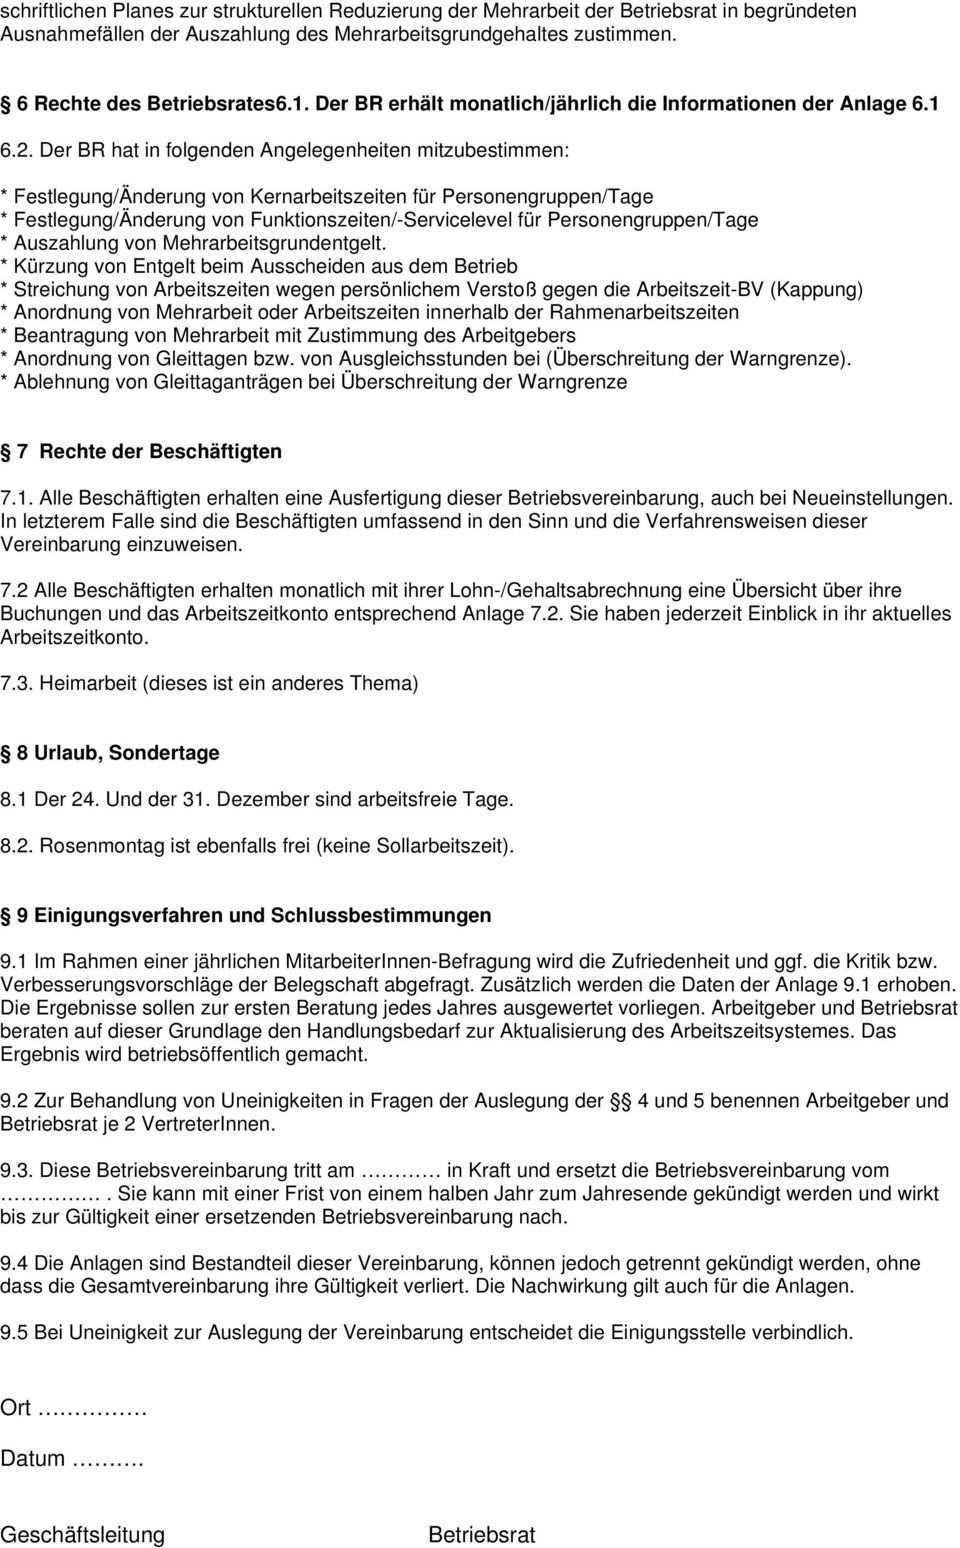 Muster Betriebsvereinbarung Zum Thema Arbeitszeit Pdf Kostenfreier Download